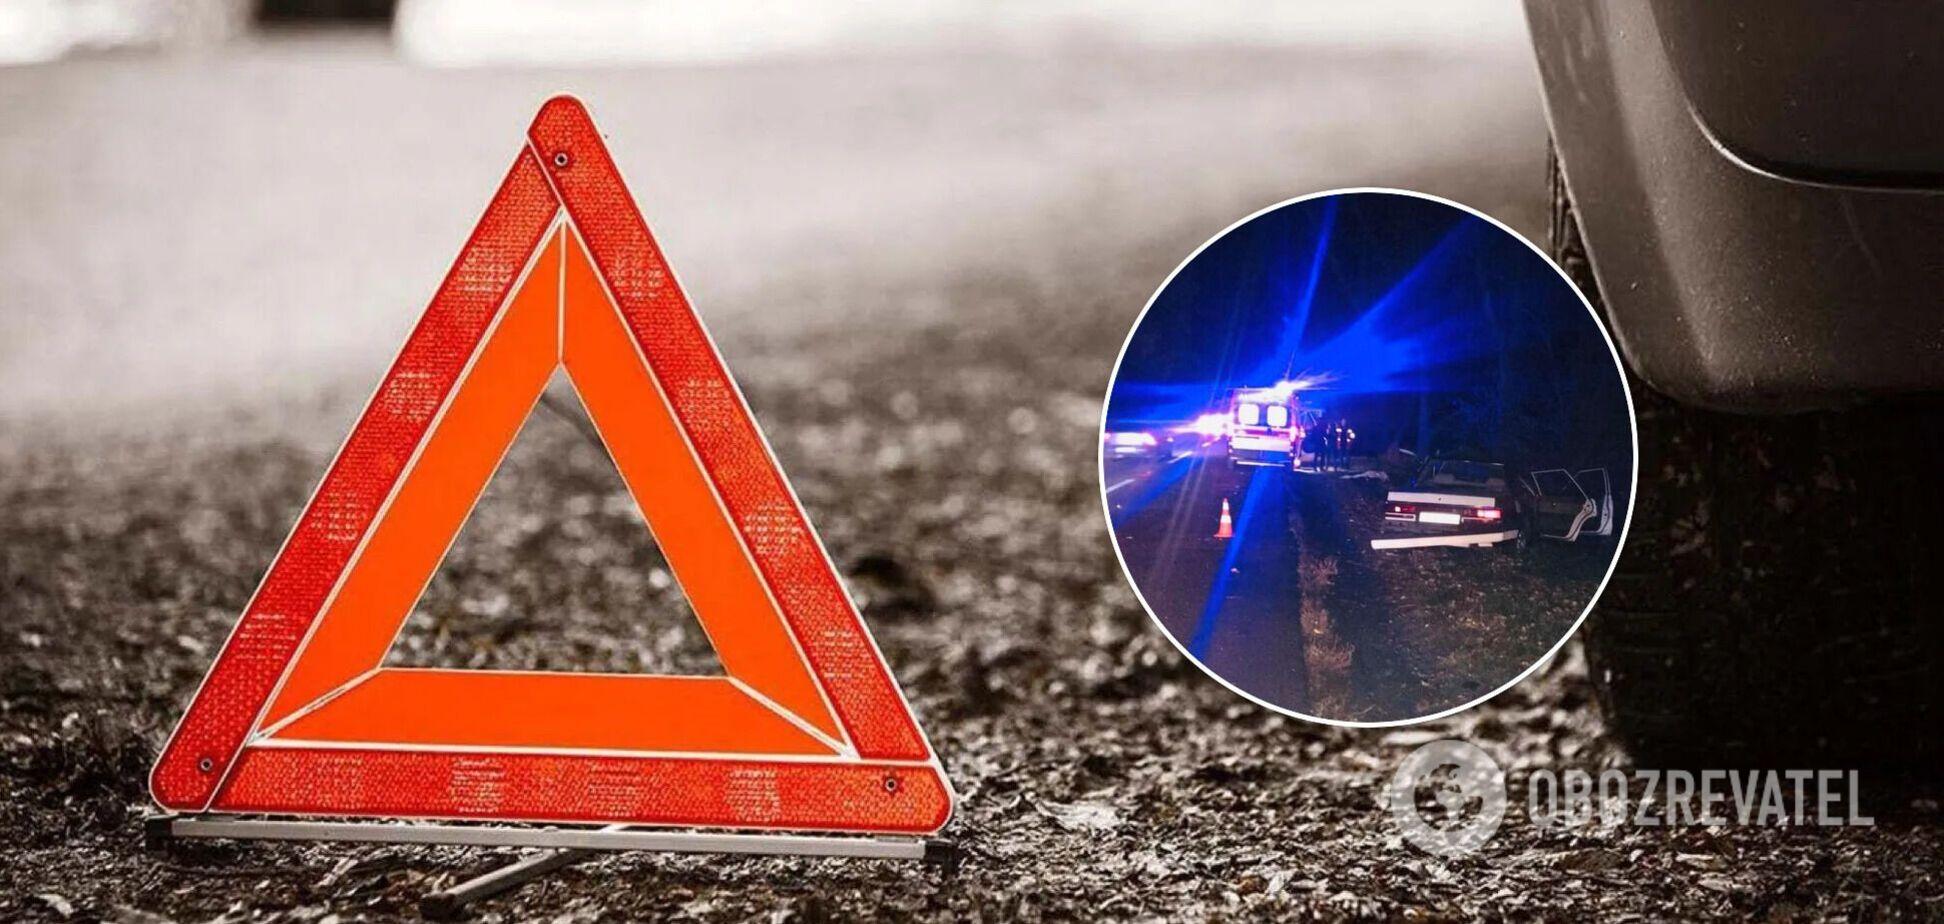 Под Киевом столкнулись две легковушки: водитель погиб, его жена и дети пострадали. Фото